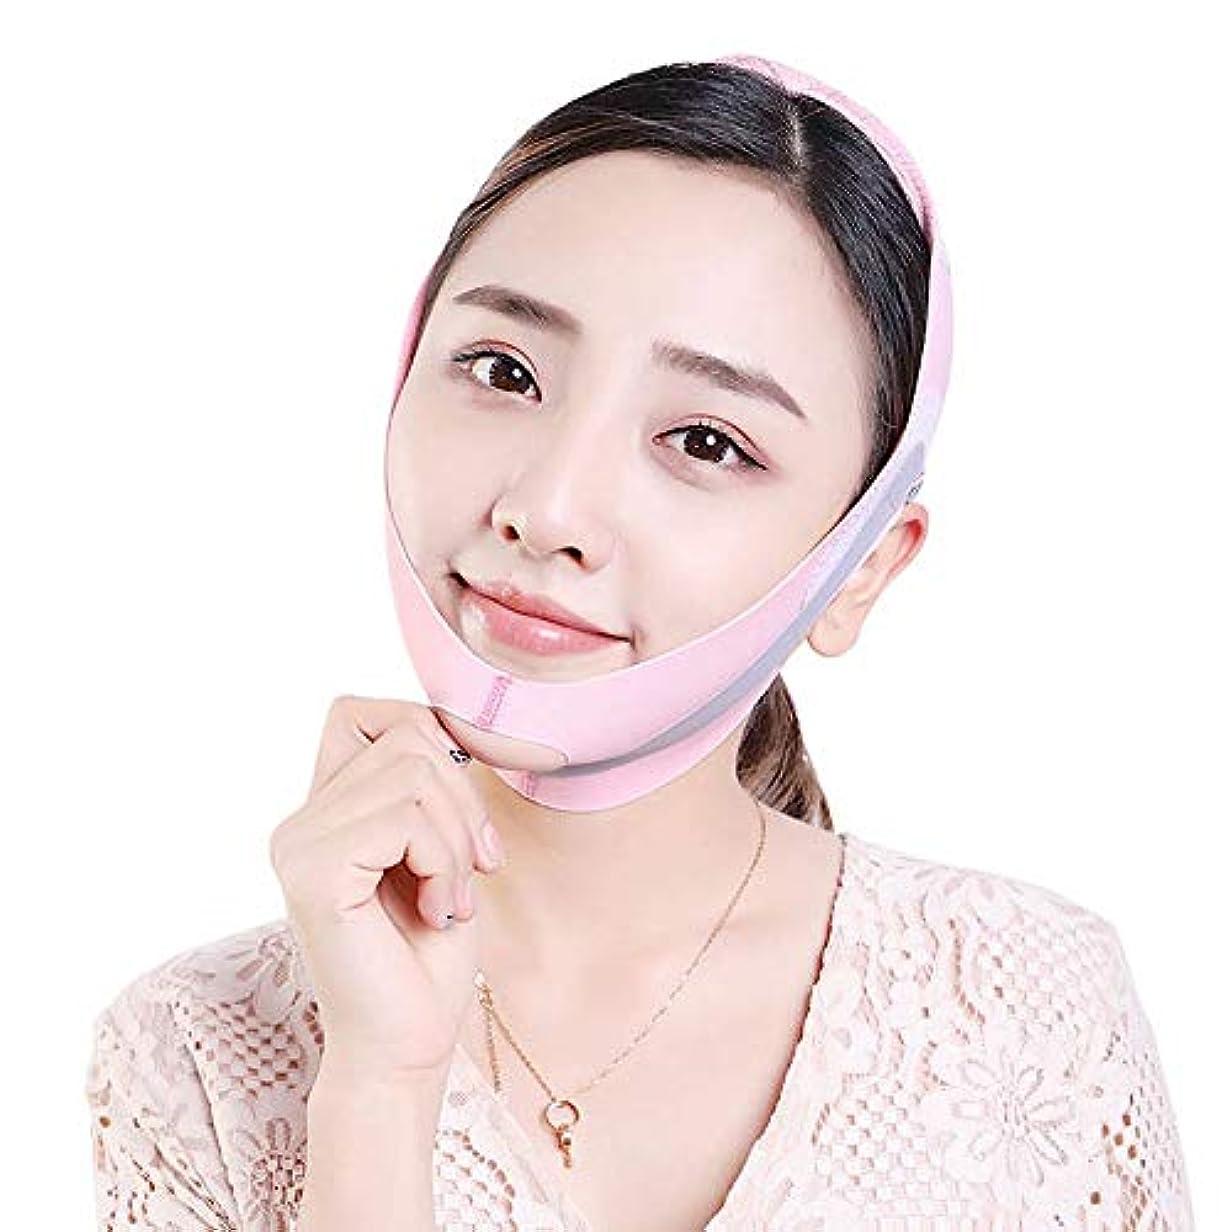 行き当たりばったりに慣れ電子レンジMinmin たるみを防ぐために顔を持ち上げるために筋肉を引き締めるために二重あごのステッカーとラインを削除するために、顔を持ち上げるアーティファクト包帯があります - ピンク みんみんVラインフェイスマスク